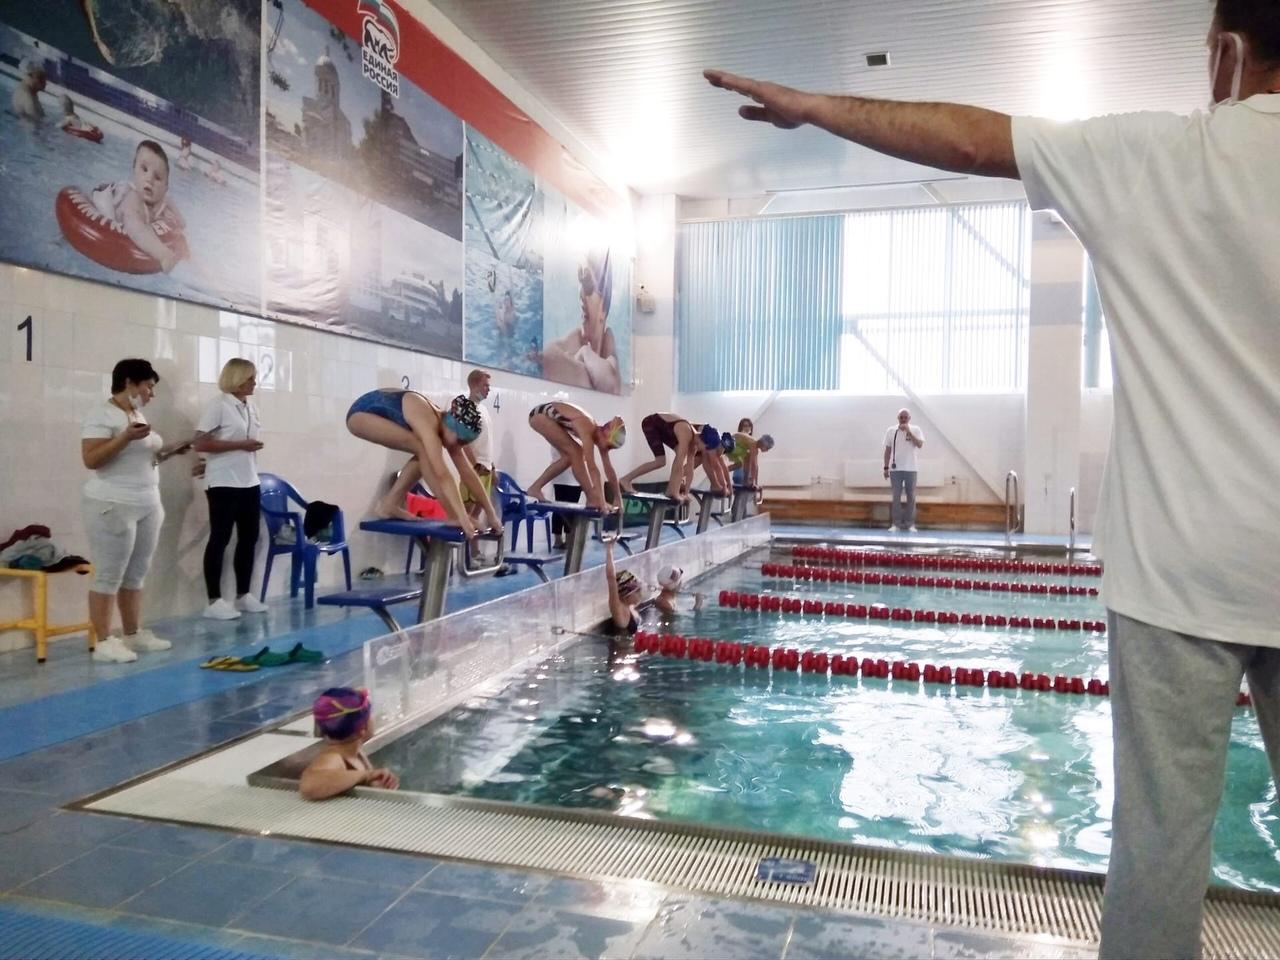 31 октября на базе МУ «СЦ им. А.Гринина» прошёл Открытый турнир по плаванию, посвященный Дню Народного Единства.